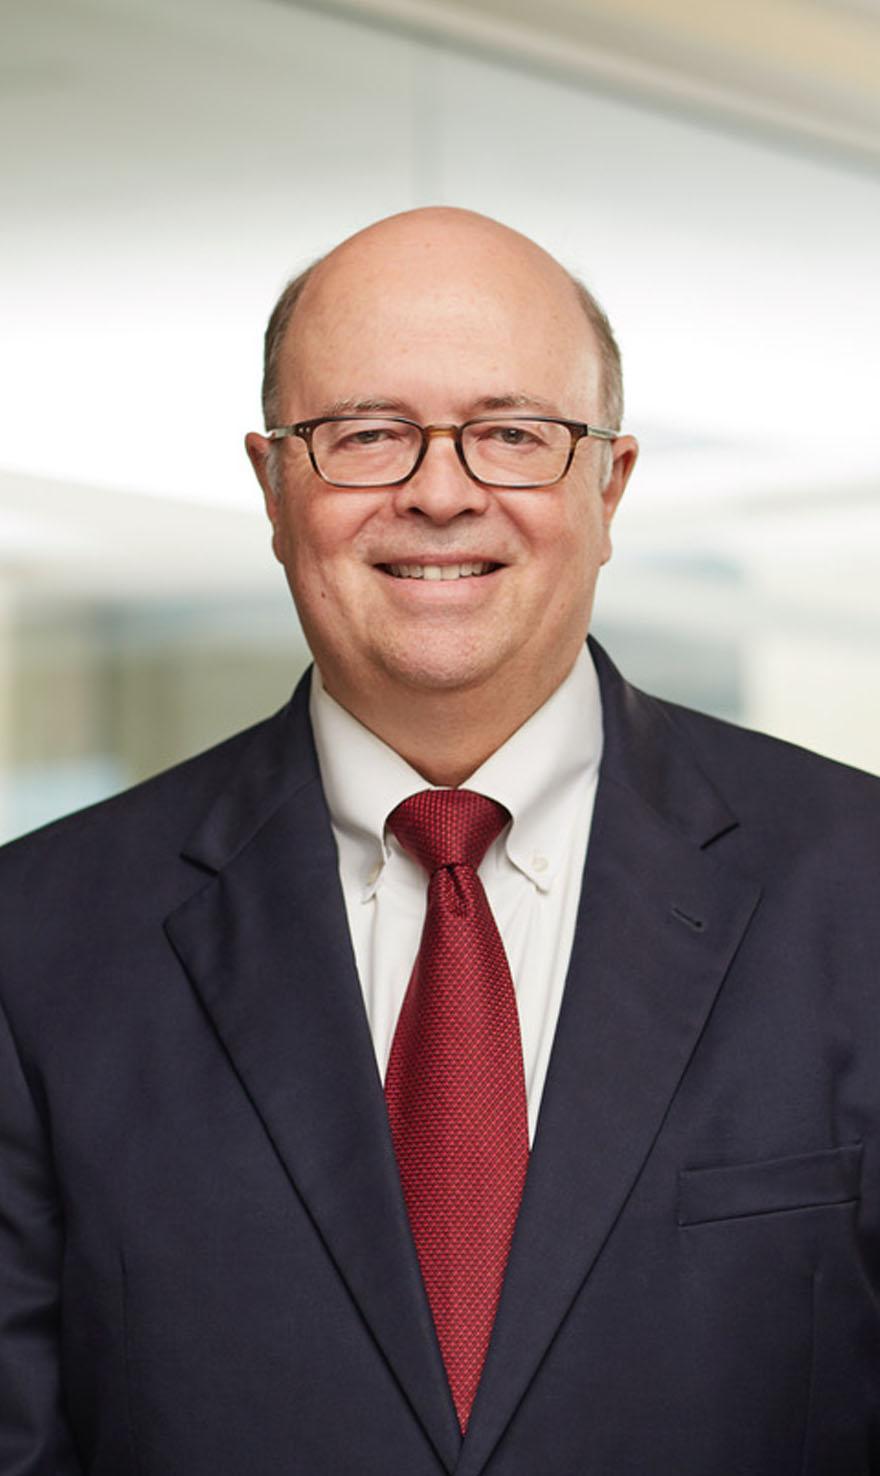 Clifford L. Walters, III